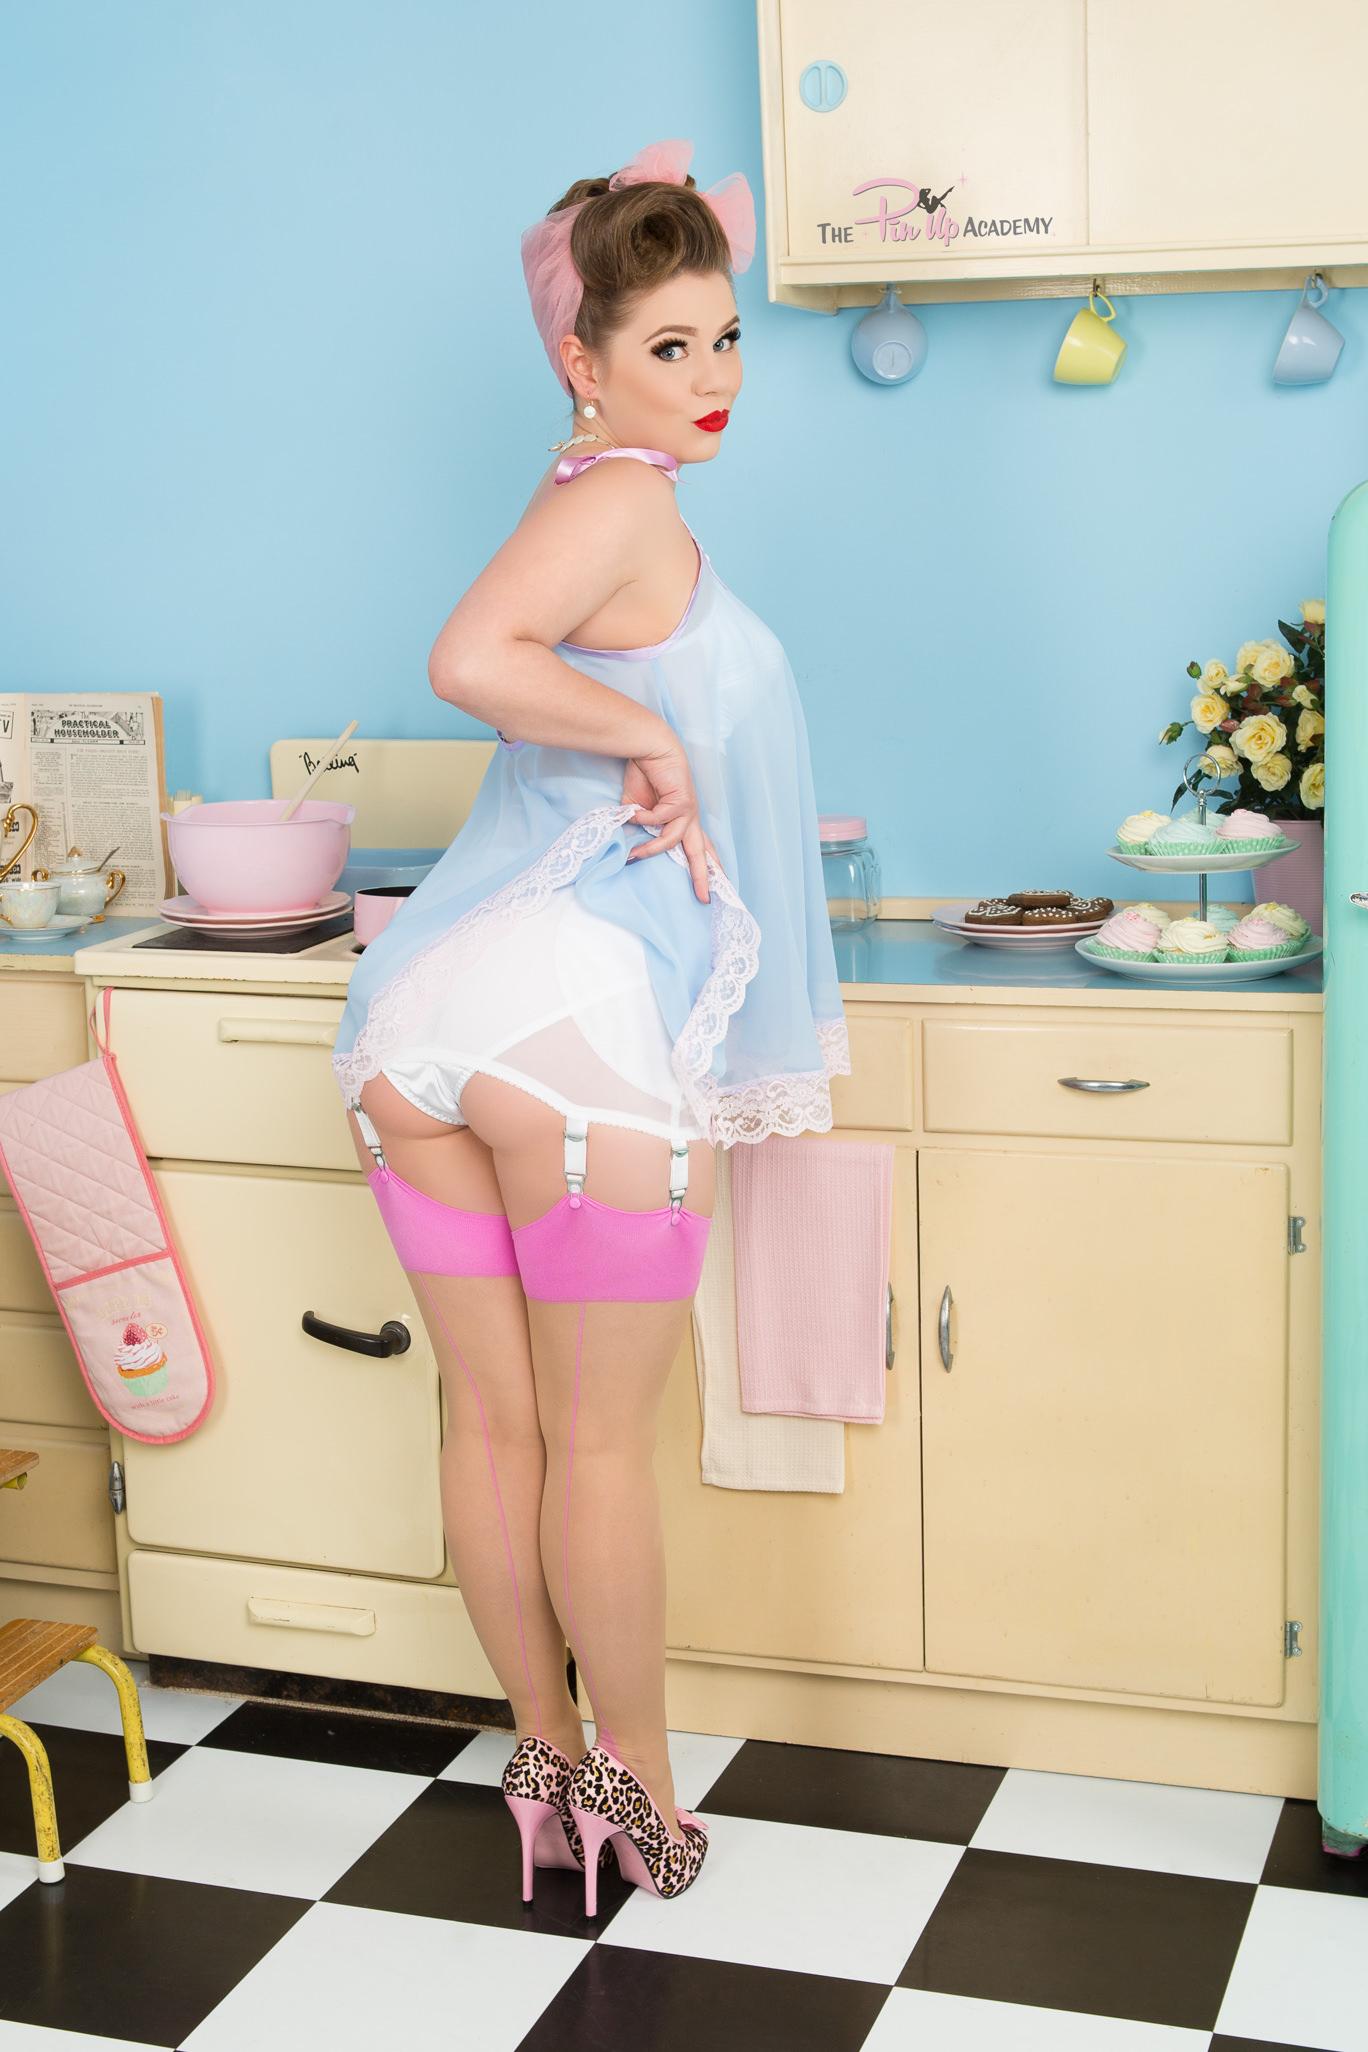 pinup girl in kitchen flashing bottom